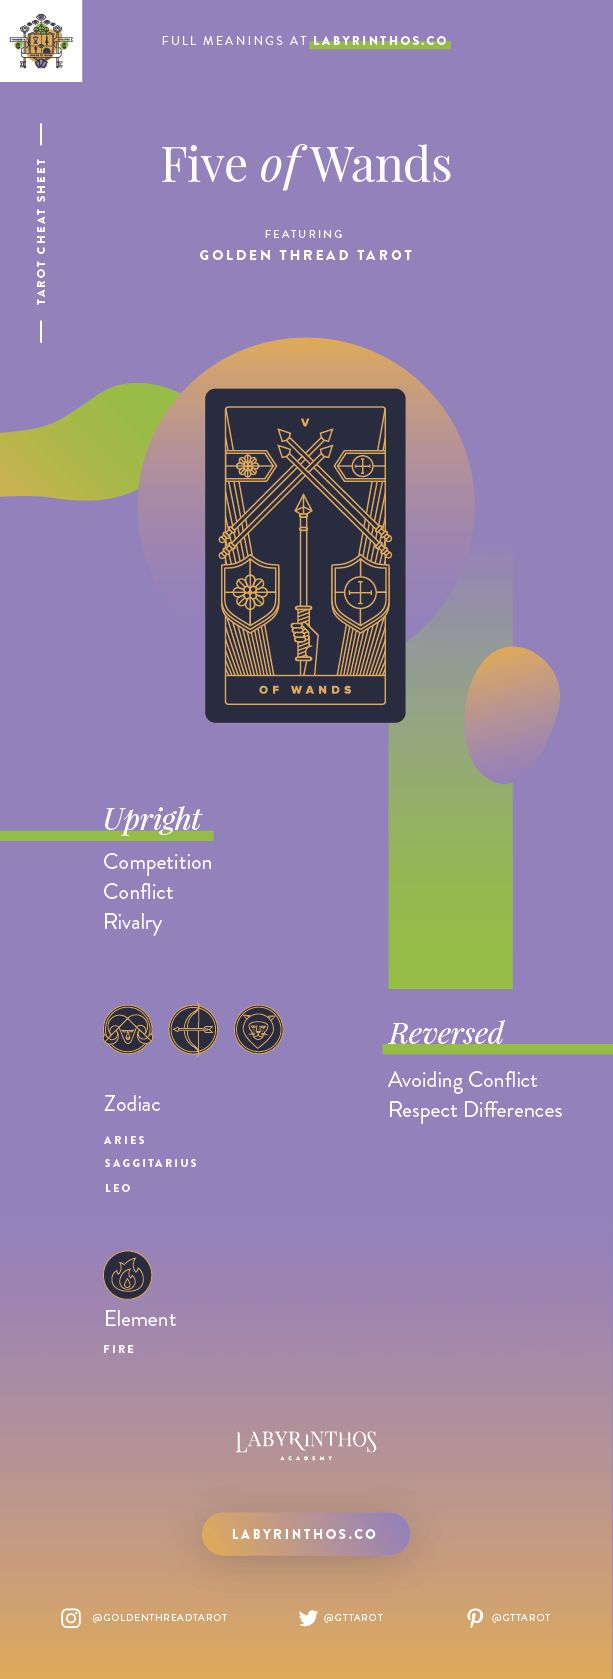 Five of Wands Meaning - Tarot Card Meanings Cheat Sheet. Art from Golden Thread Tarot.